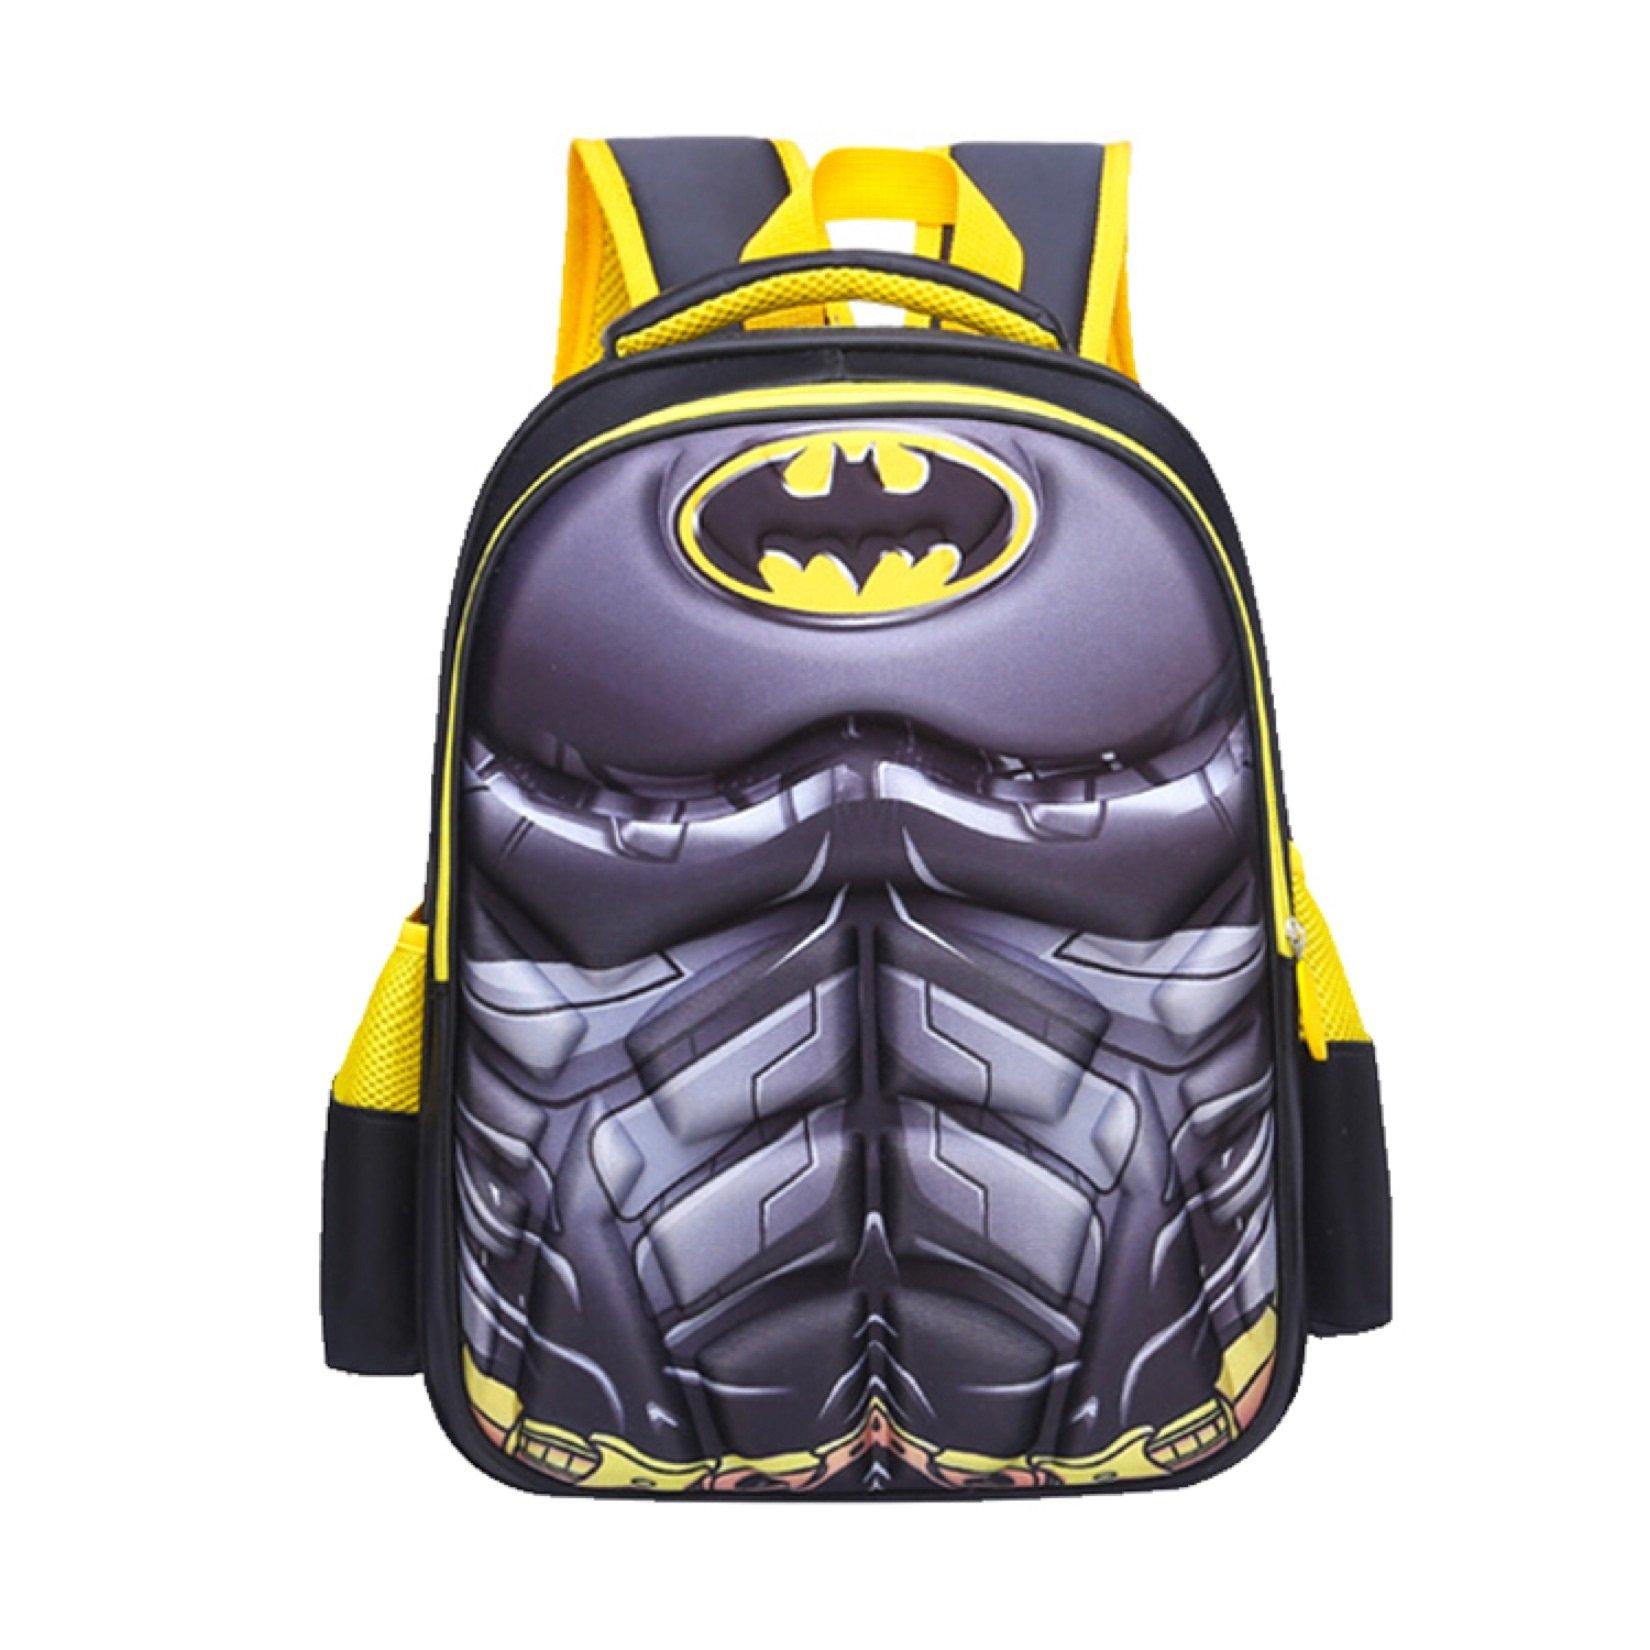 Superhero Boys' 3D School Backpack,16.5 Inch, Waterproof Bookbag for Kids Age 7 to 12 Years Old (Batman)